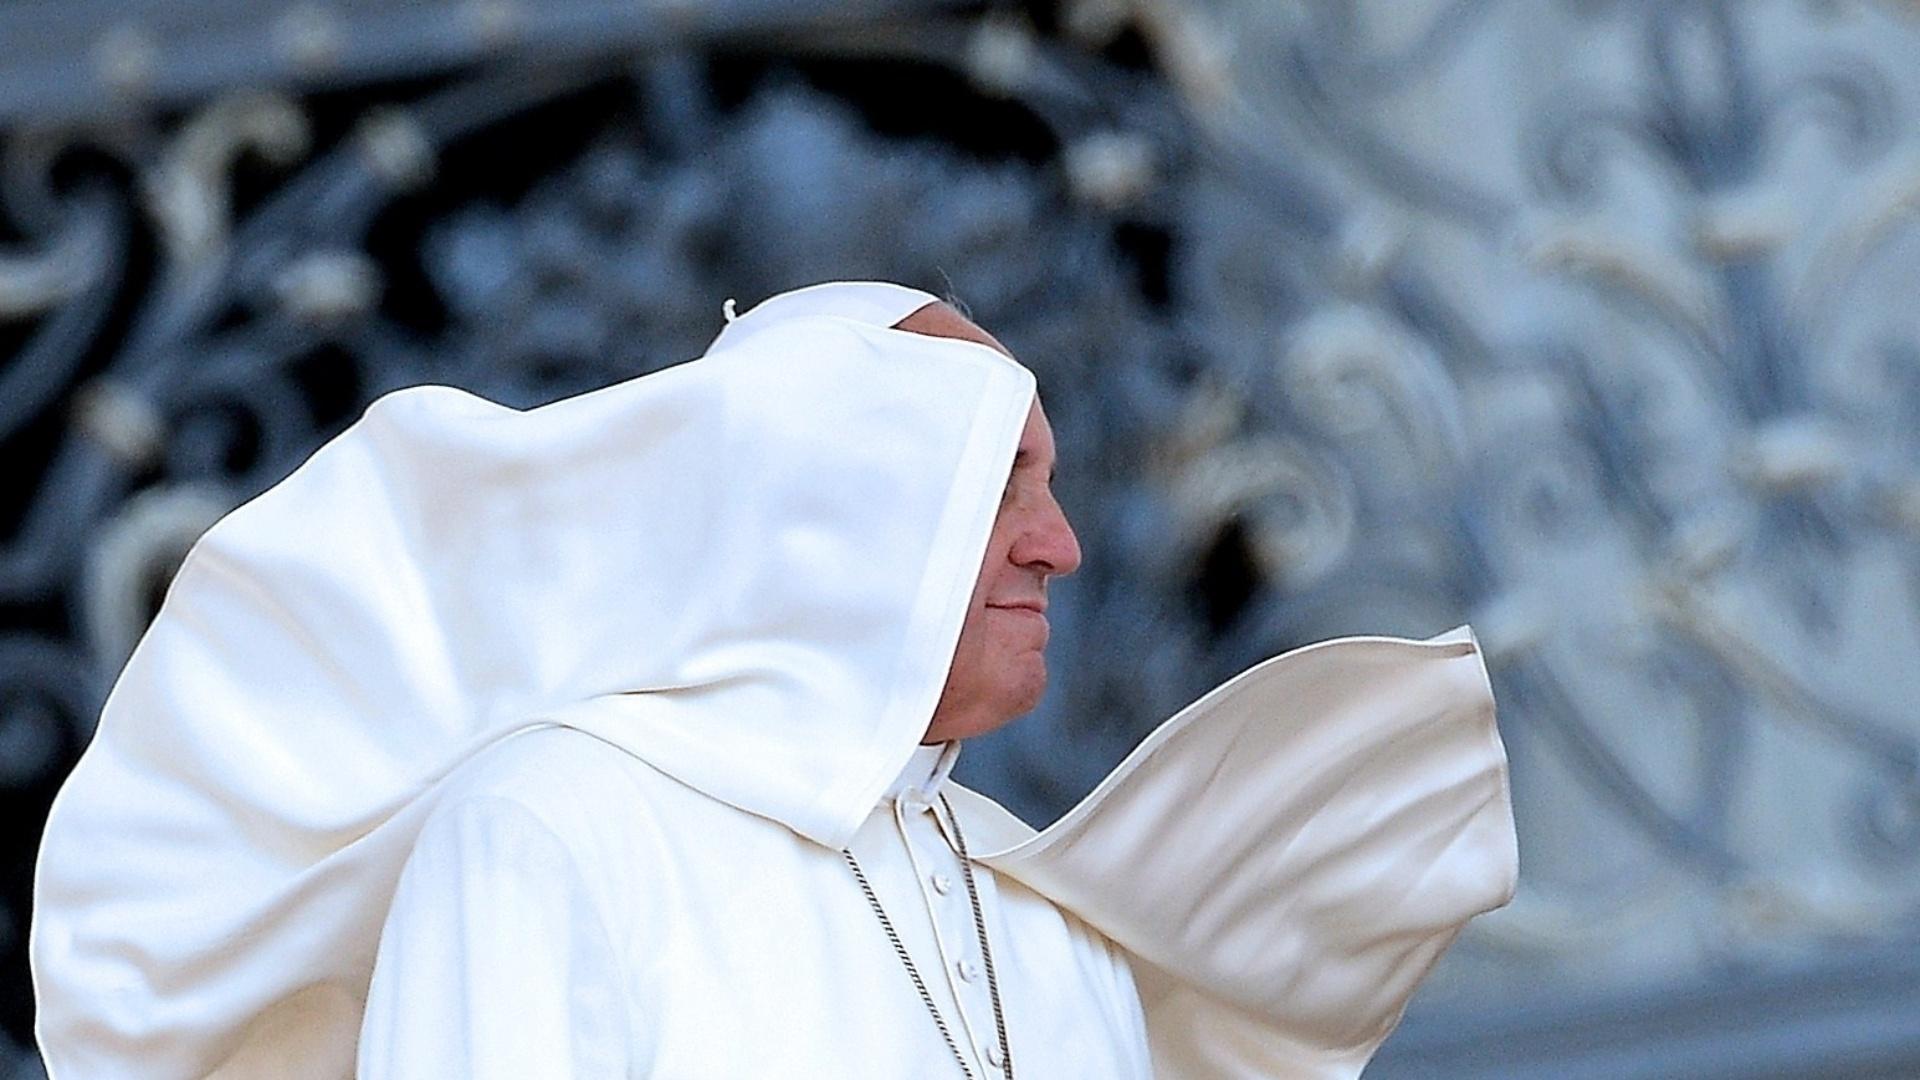 14.jun.2014 - O vento fez parte da roupa do papa Francisco cobrir seu rosto quando ele olhava para a Praça de São Pedro, no Vaticano, durante uma audiência com voluntários católicos. O papa reuniu-se, neste sábado (14), com integrantes da Confederação Nacional da Misericórdia da Itália